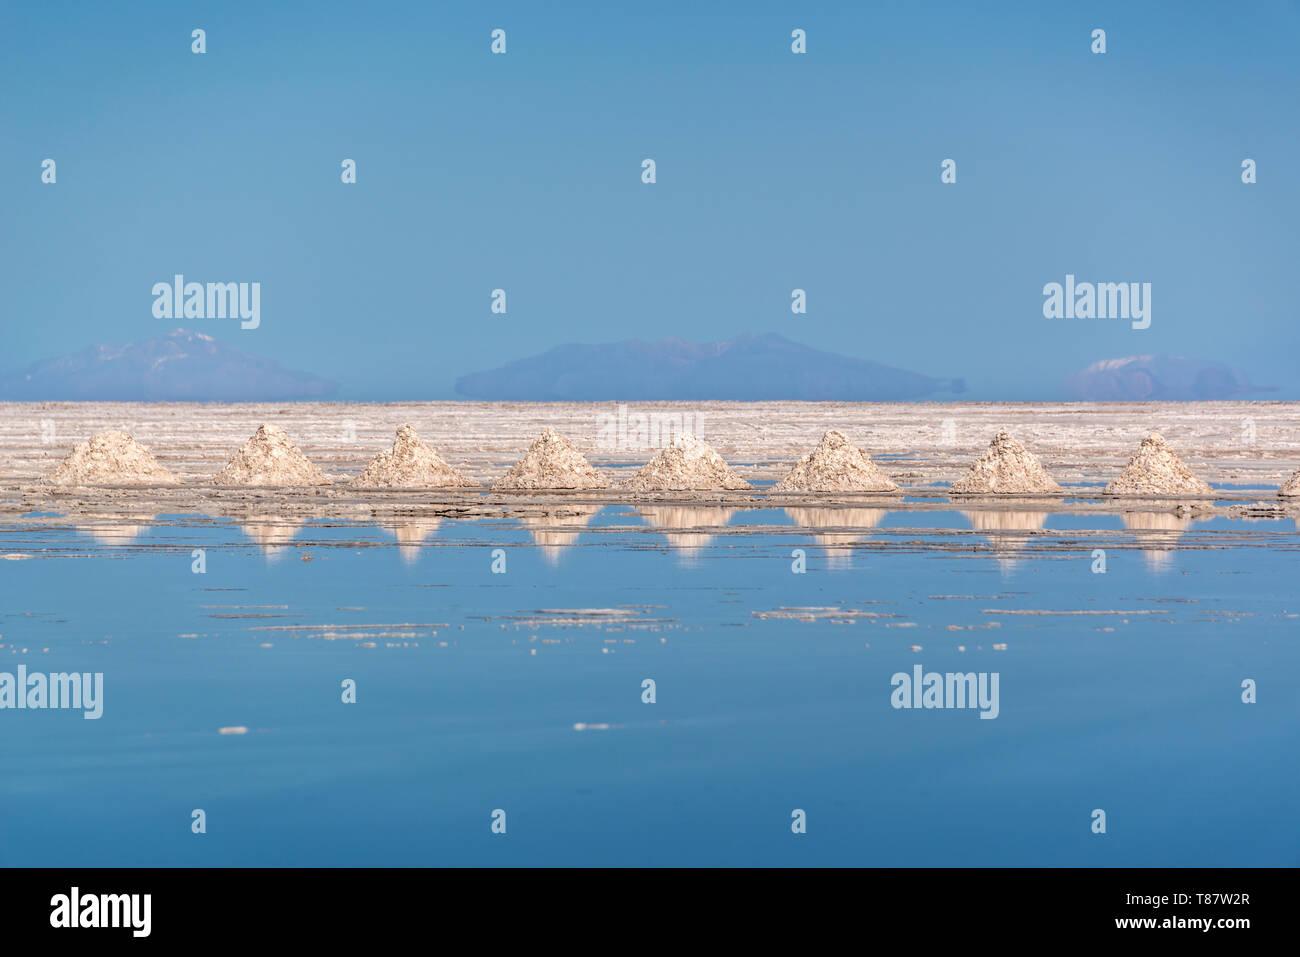 Los montones de sal, alineados en el Salar de Uyuni (salar de Uyuni, Potosí, Bolivia Imagen De Stock